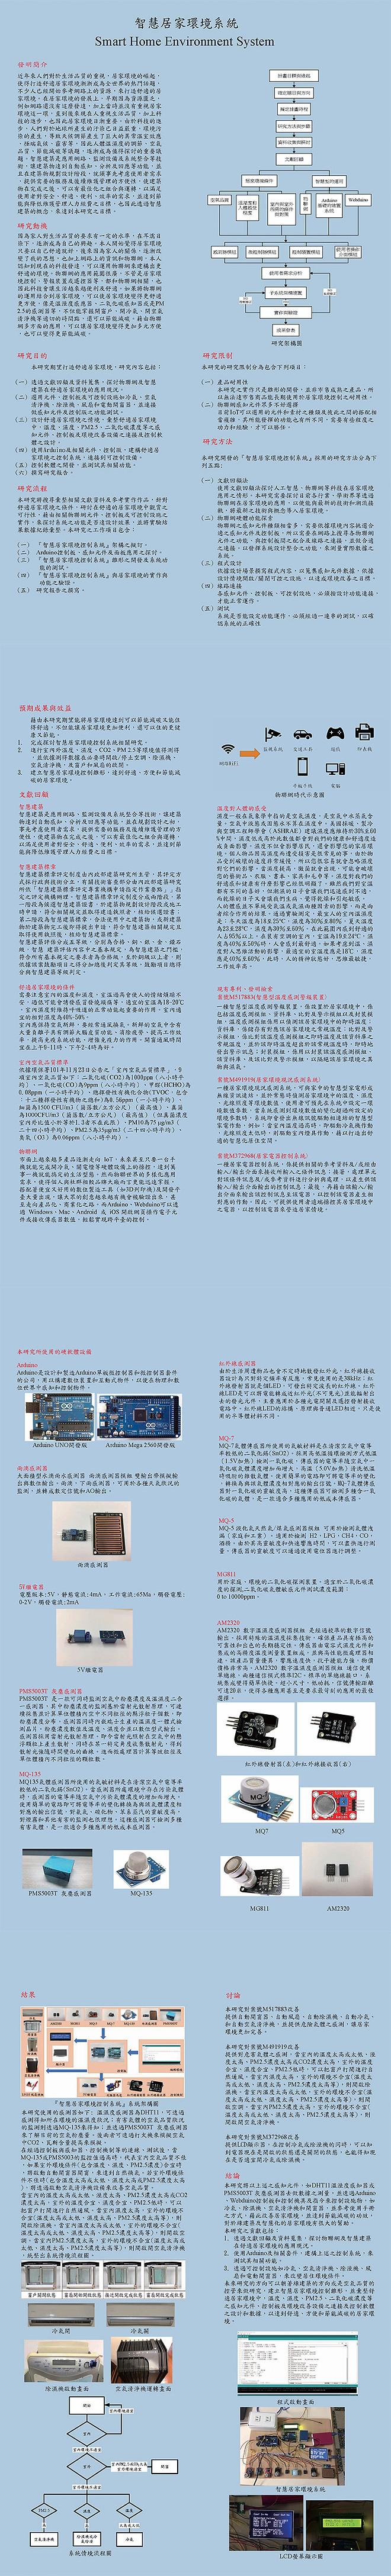 智慧居家環境系統-作品內容-杜奕儒.jpg